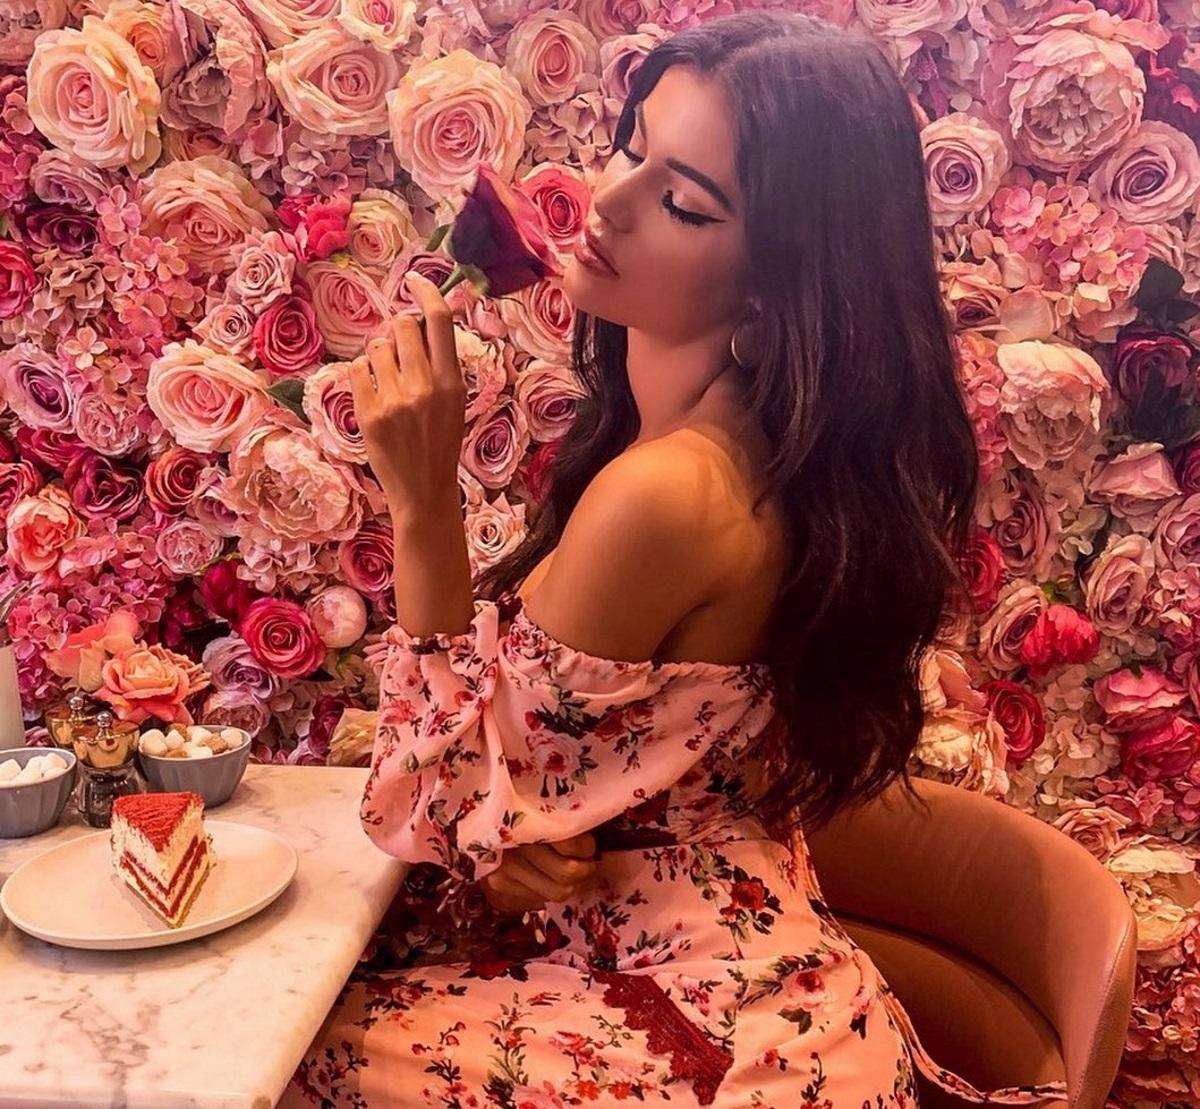 Ιωάννα Μπέλλα: Ξανά ελεύθερη και ωραία! Χώρισε μετά από μερικούς μήνες σχέσης